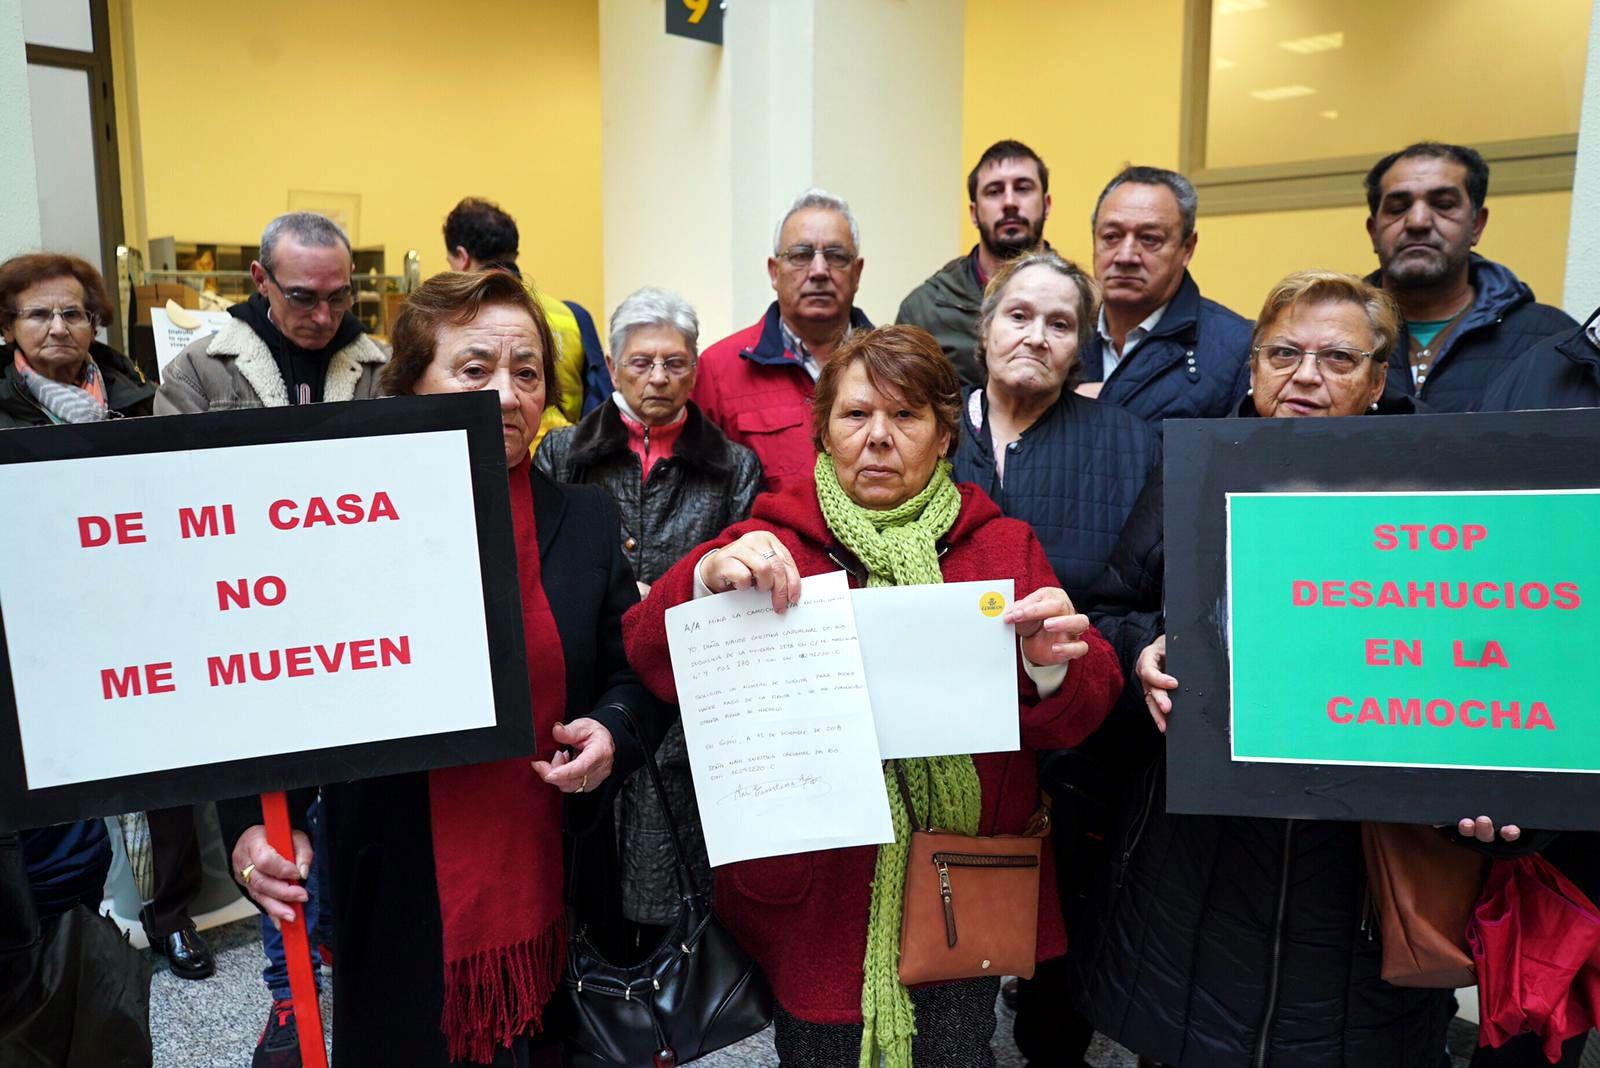 Afectados de La Camocha y vecinos en Correos, después de entregar la carta certificada a la administración concursal